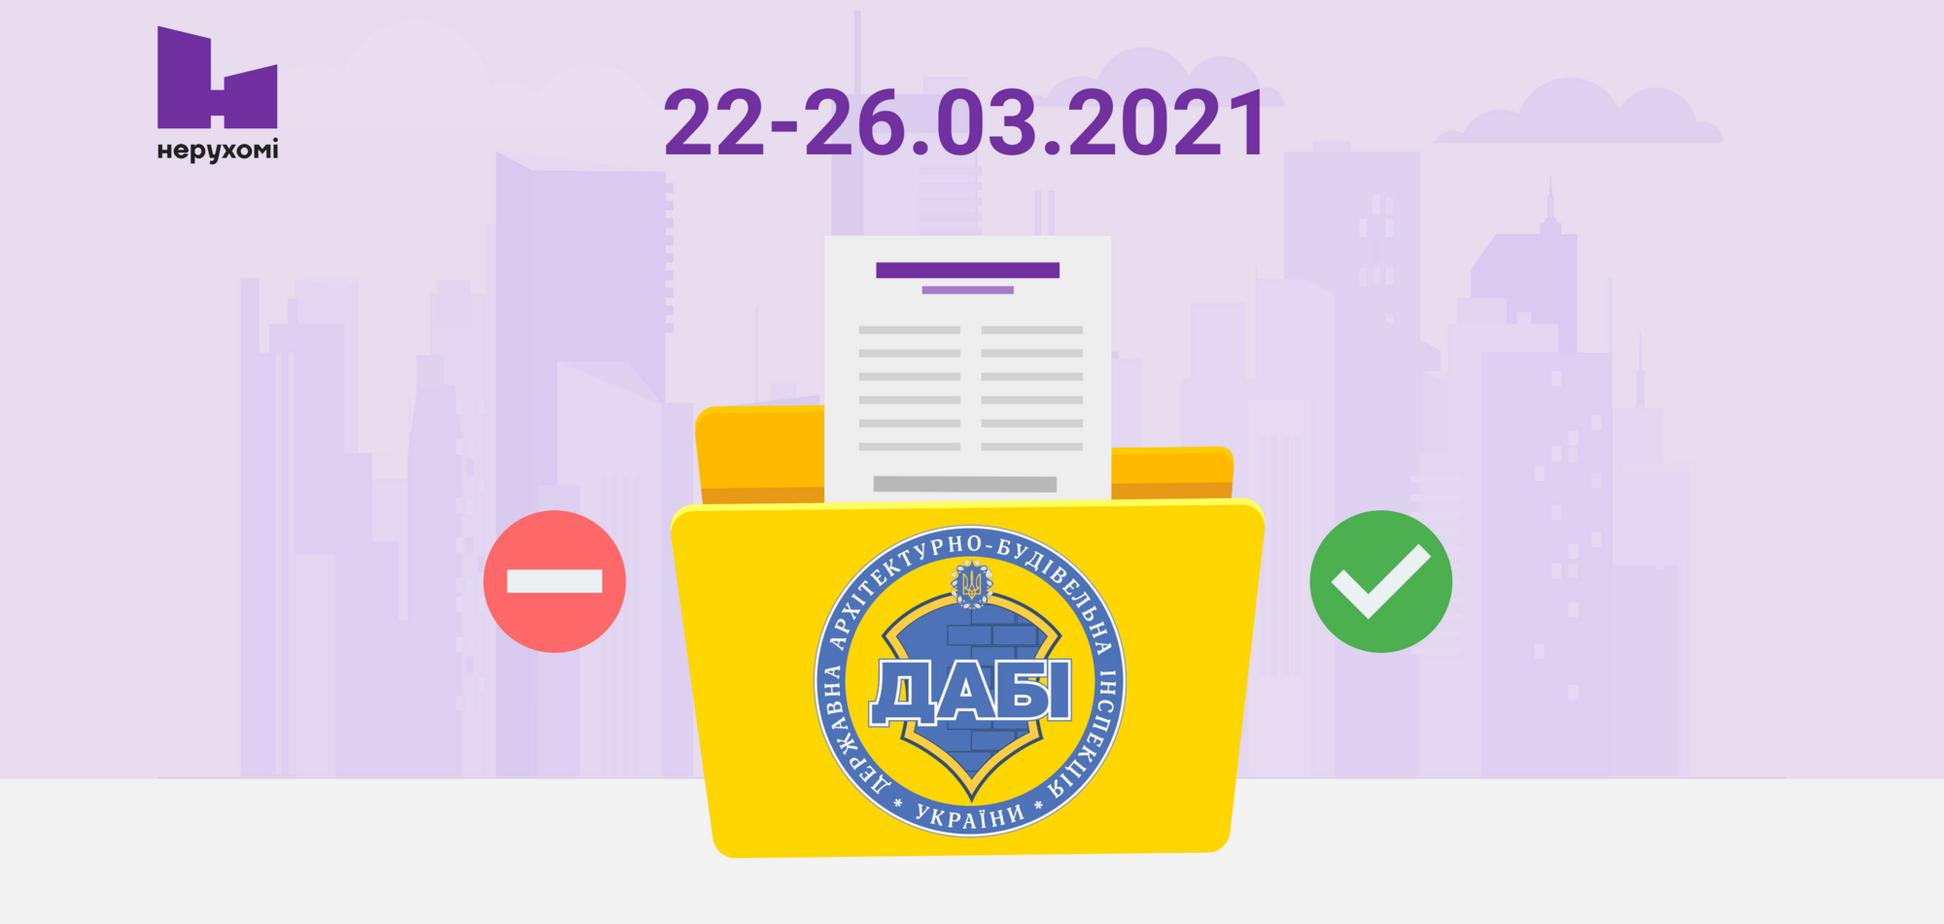 Решения ГАСИ по ЖК: кому выдали разрешения и сертификаты на прошлой неделе